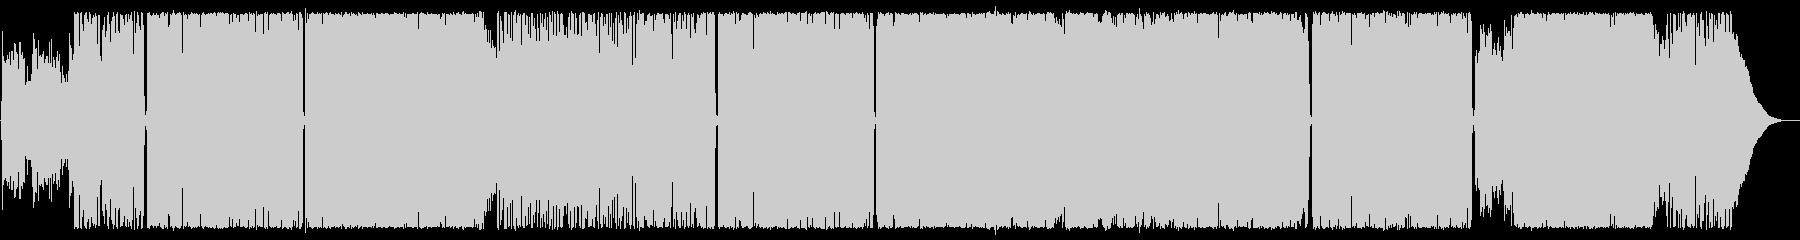 ロキノン系 歌から始まるPOPSの未再生の波形